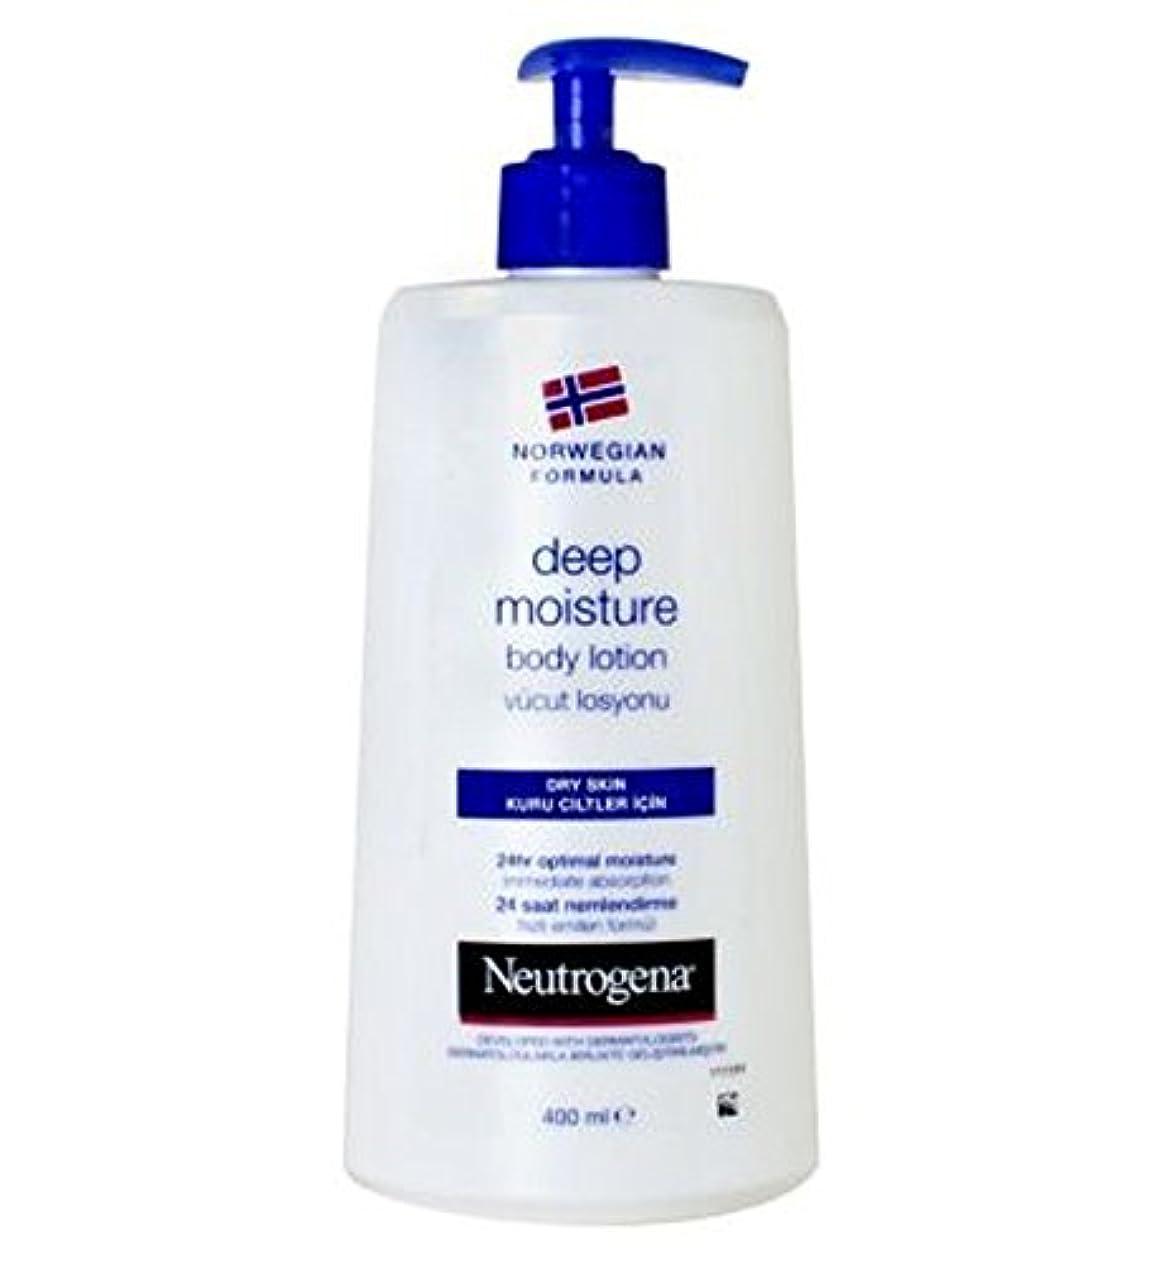 アンプ伝記背の高いNeutrogena Norwegian Formula Deep Moisture Body Lotion For Dry Skin 250ml - 乾燥肌の250ミリリットルのためのニュートロジーナノルウェー式の深い...